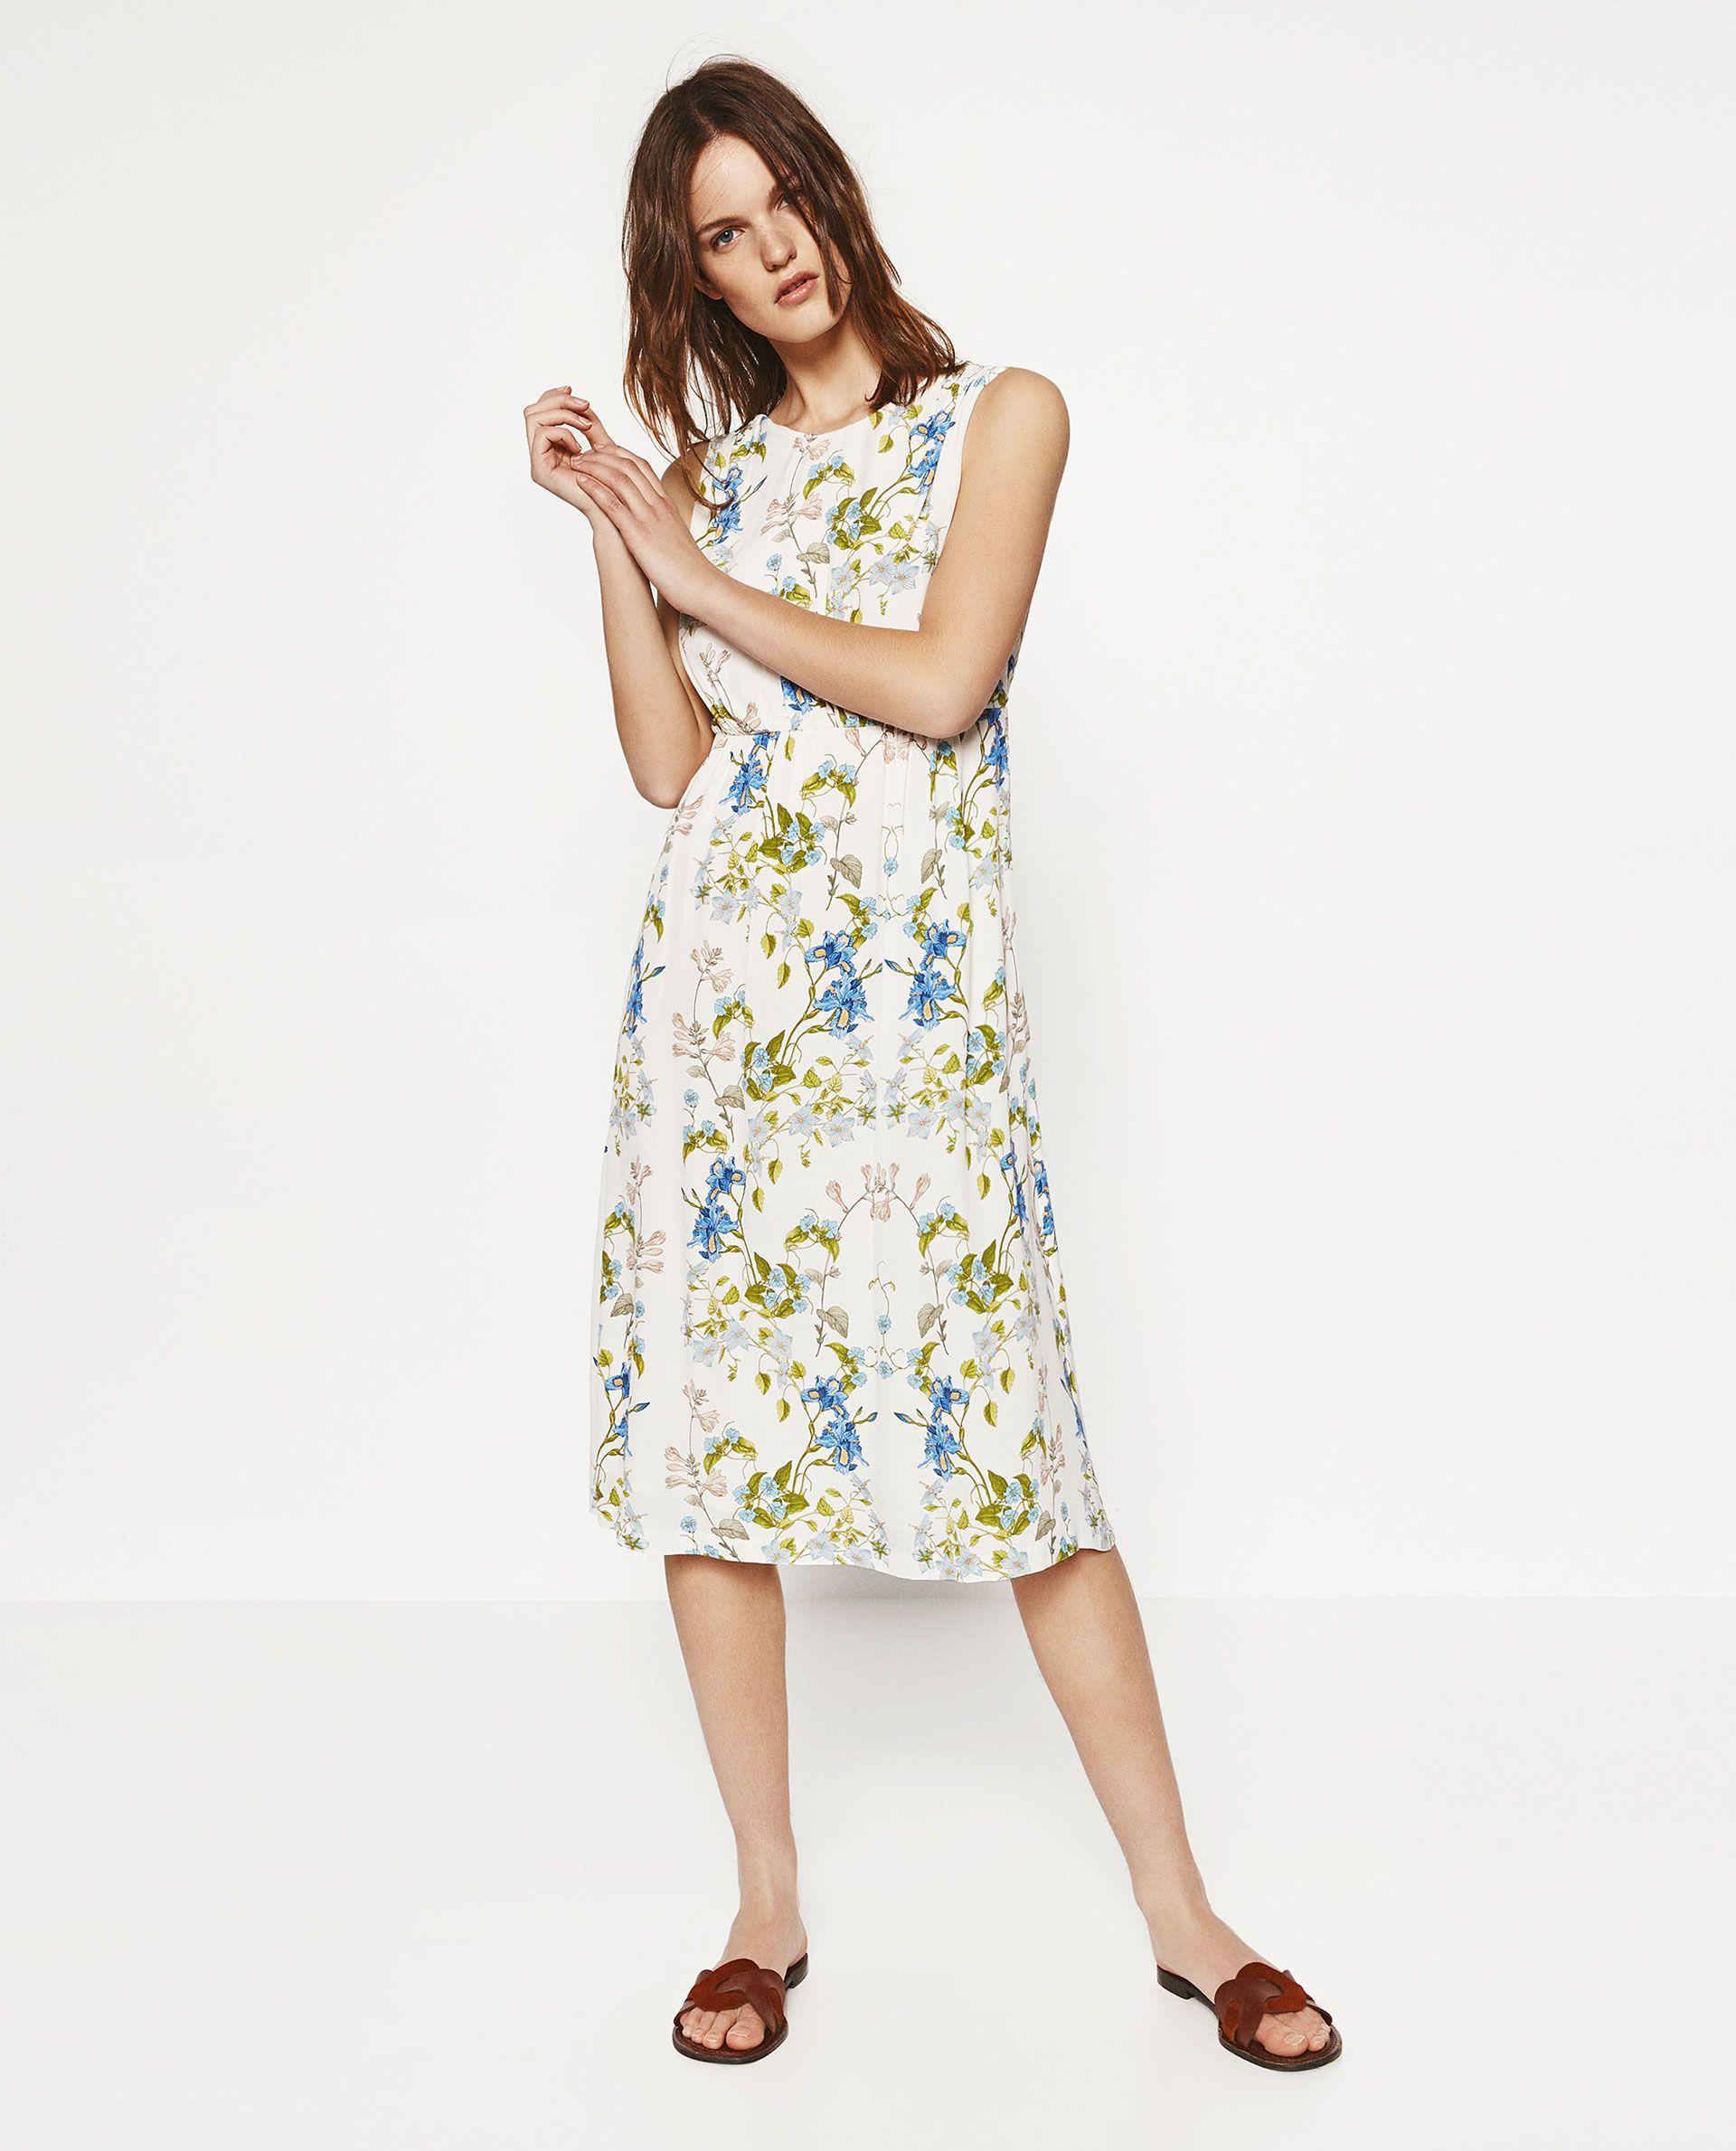 Image de robe À fleurs avec nŒud au dos de zara fashion pinterest